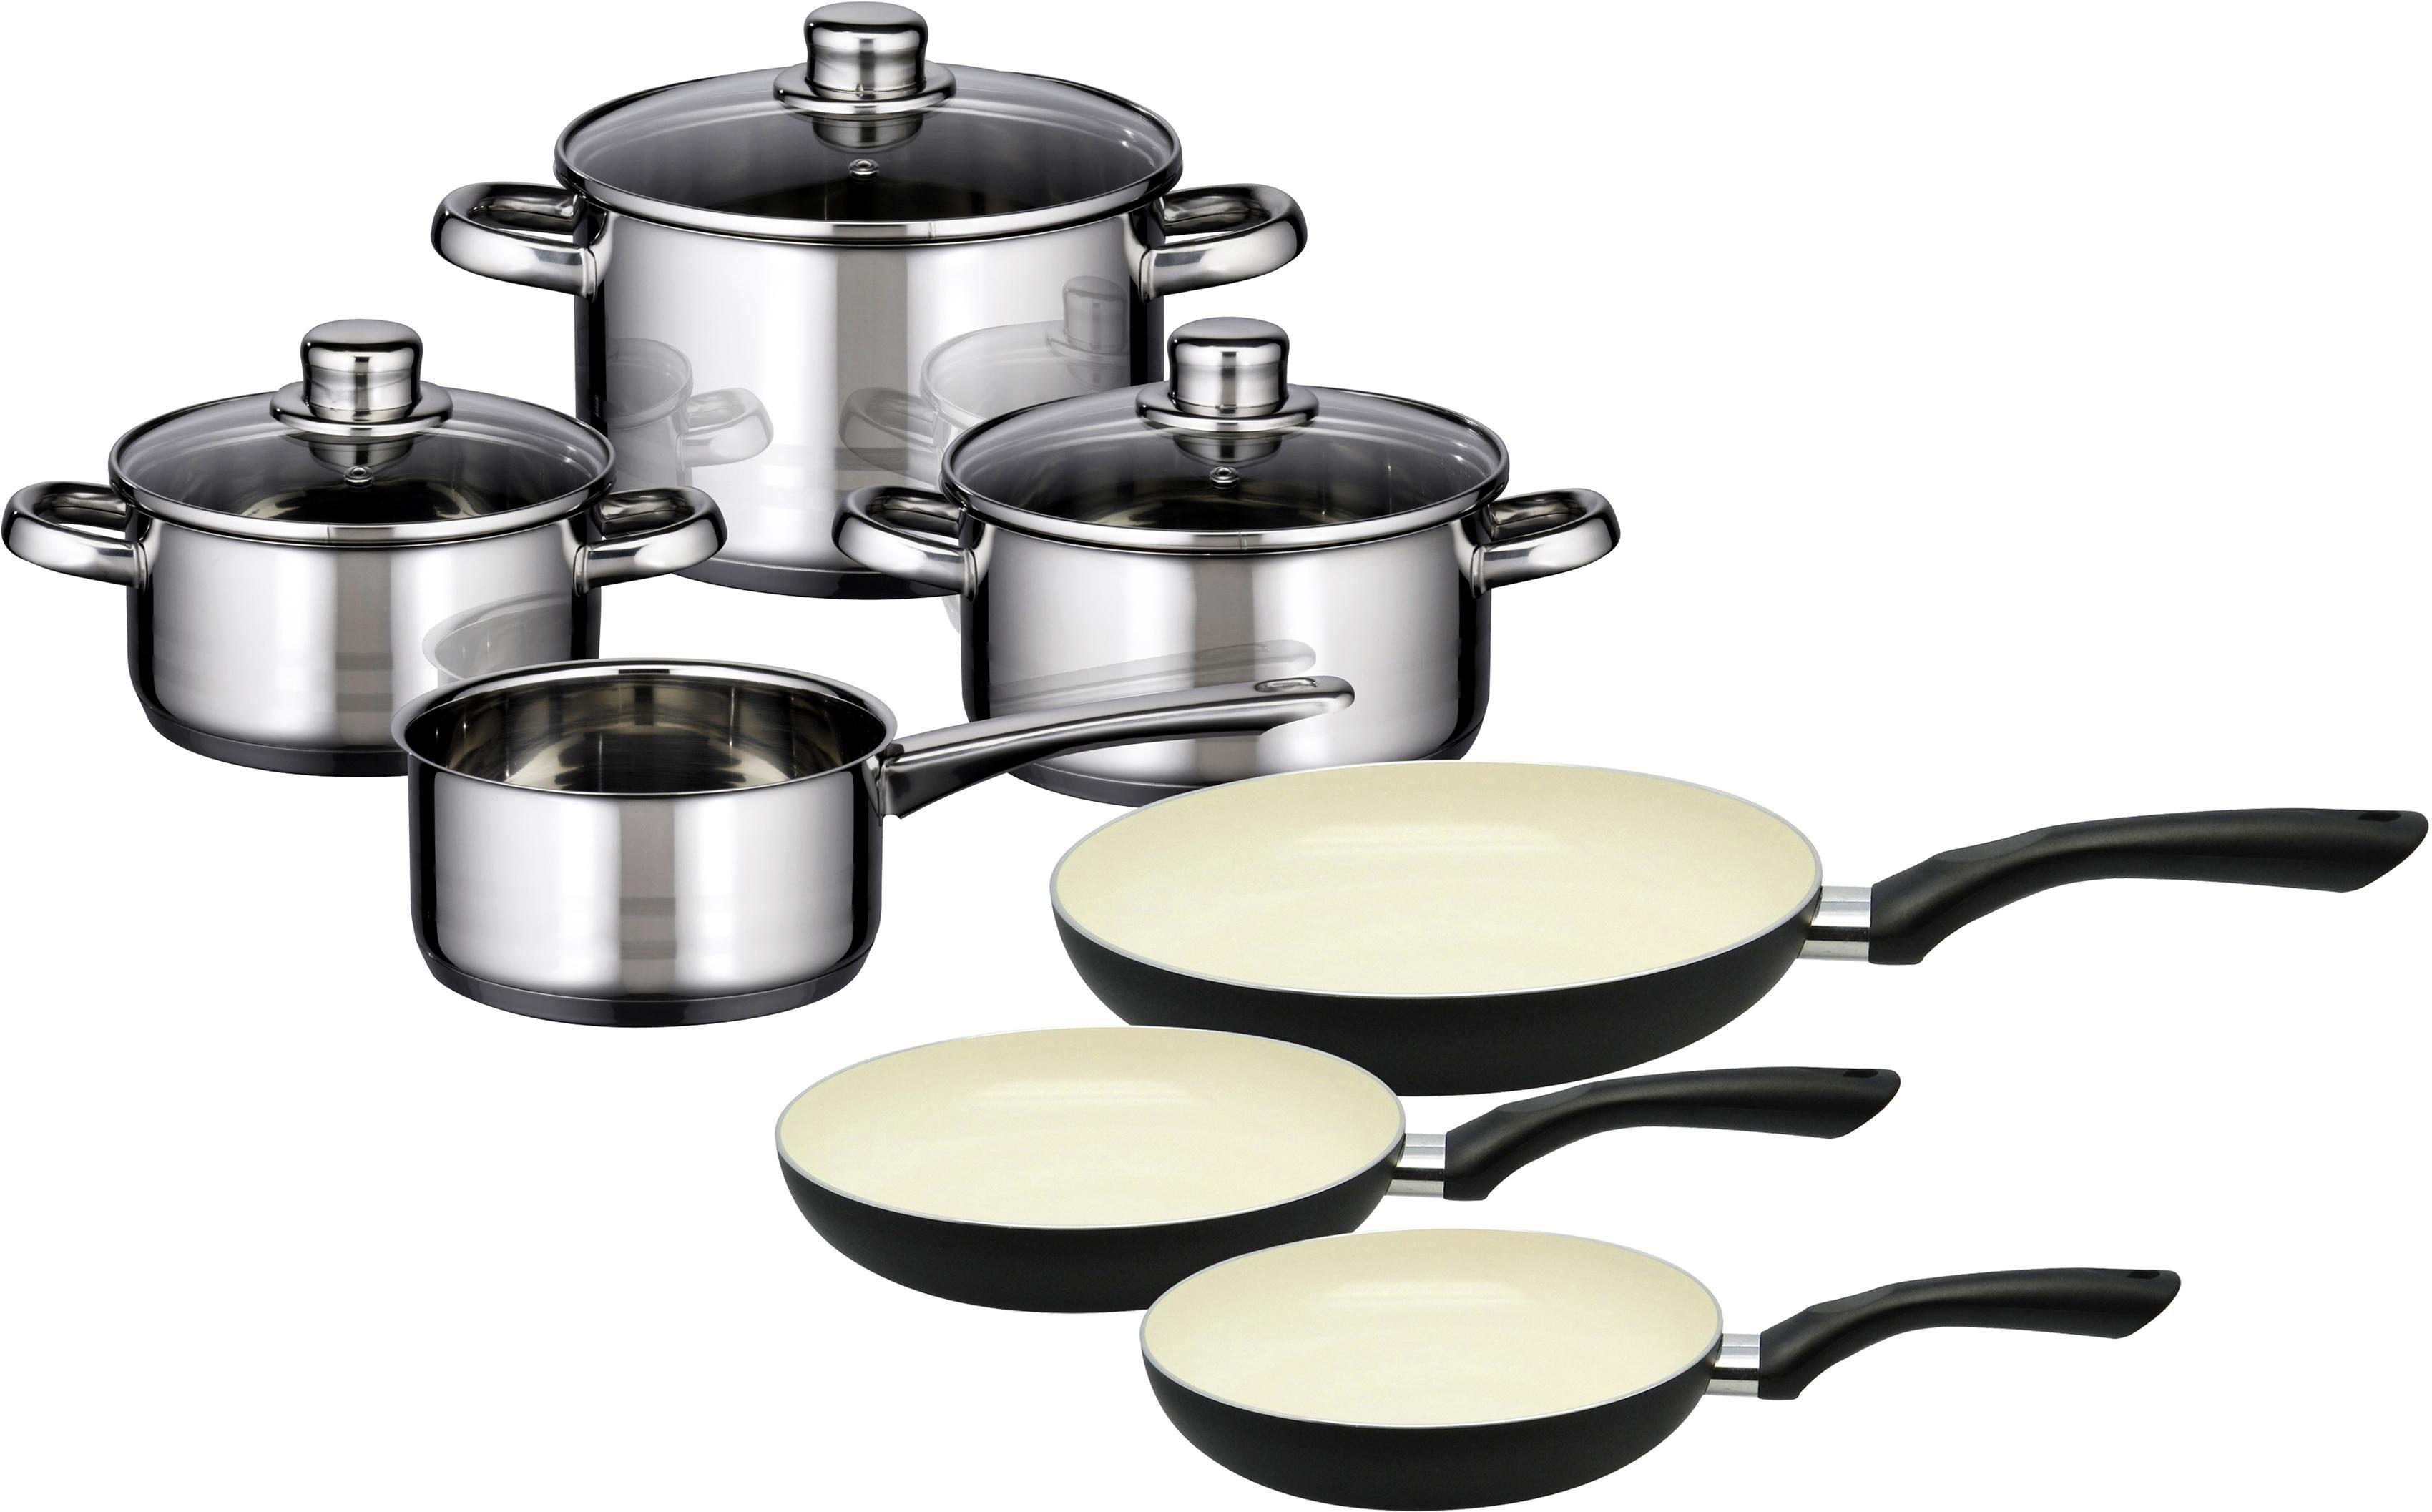 Meine Küche Topf-Set, 7-teilig, + Pfannen-Set, 3-teilig, Induktion, »Skyline«